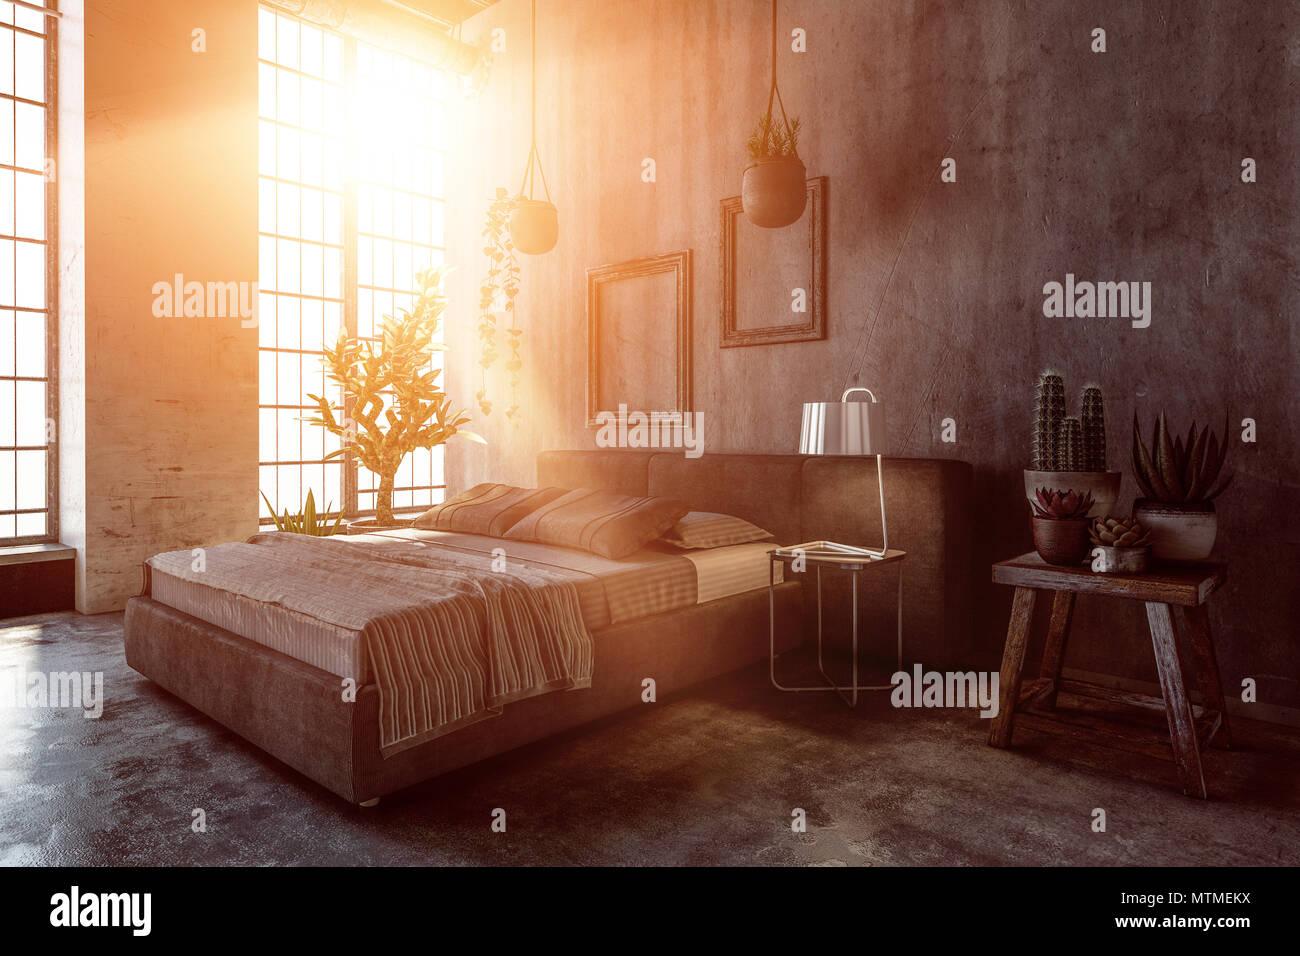 Pianta Camera Da Letto Matrimoniale : Camera da letto interni con luce calda attraverso grandi finestre